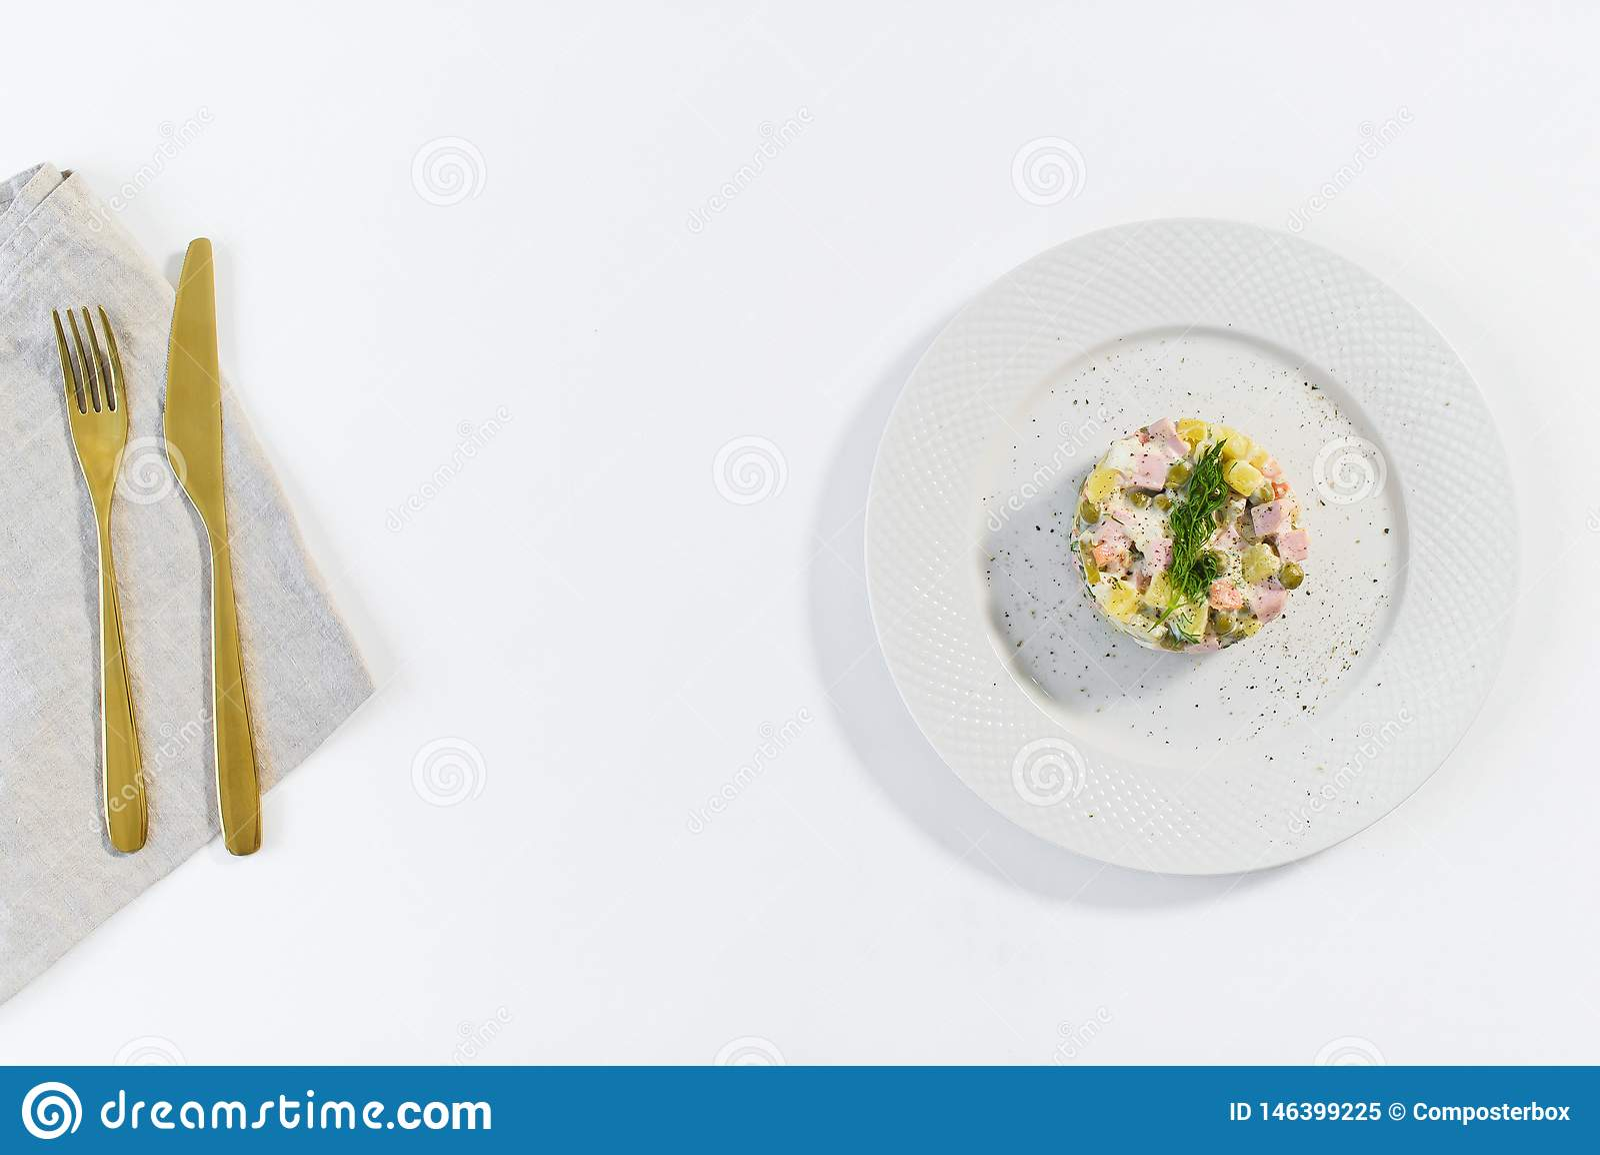 Russische salade op een witte plaat met een Gouden mes en vork op een witte achtergrond